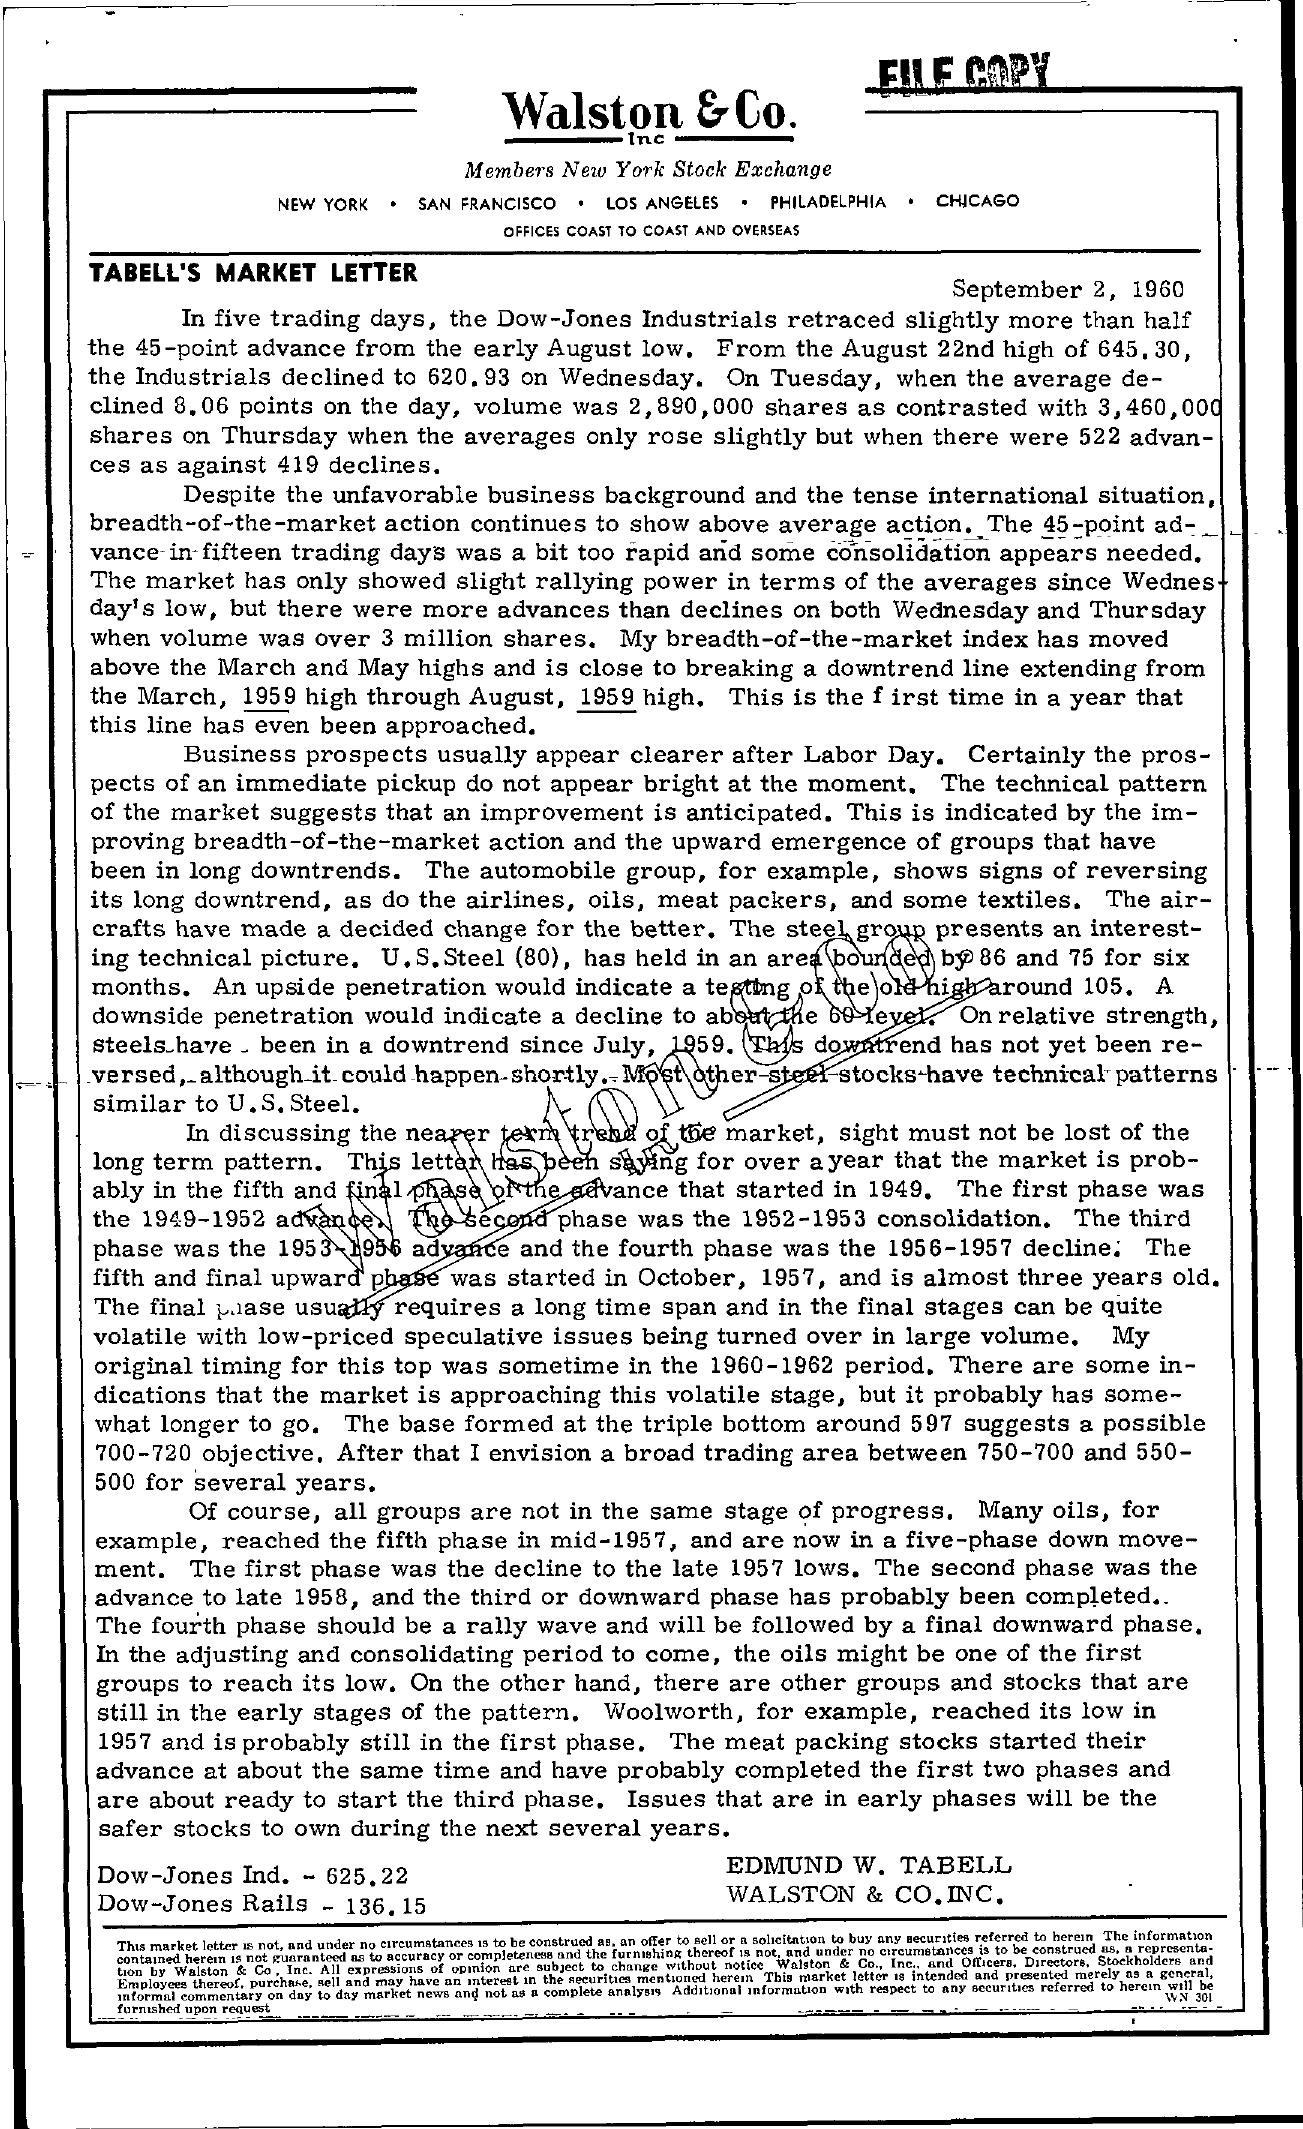 Tabell's Market Letter - September 02, 1960